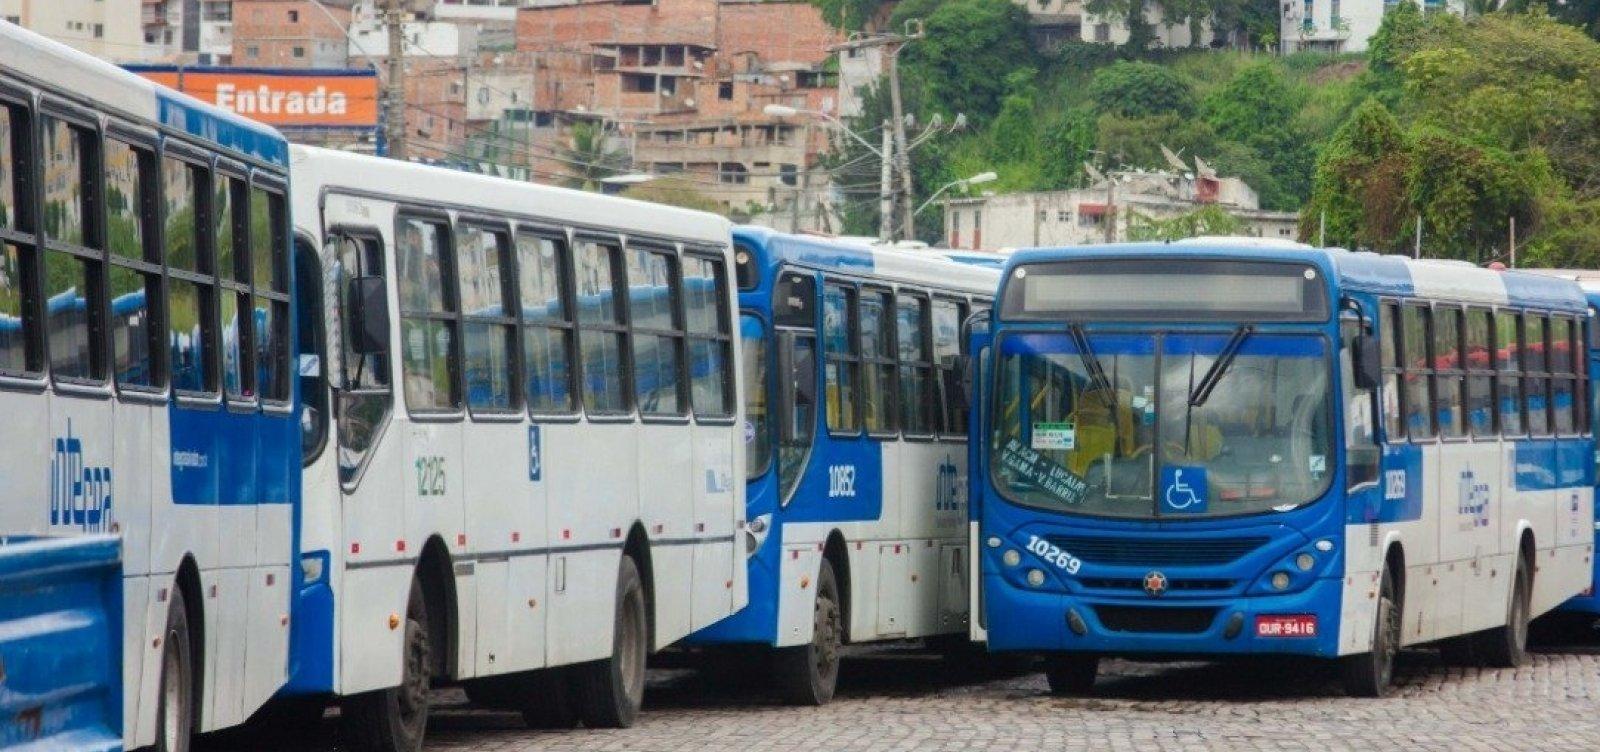 Rodoviários aceitam proposta de patrões e greve é cancelada